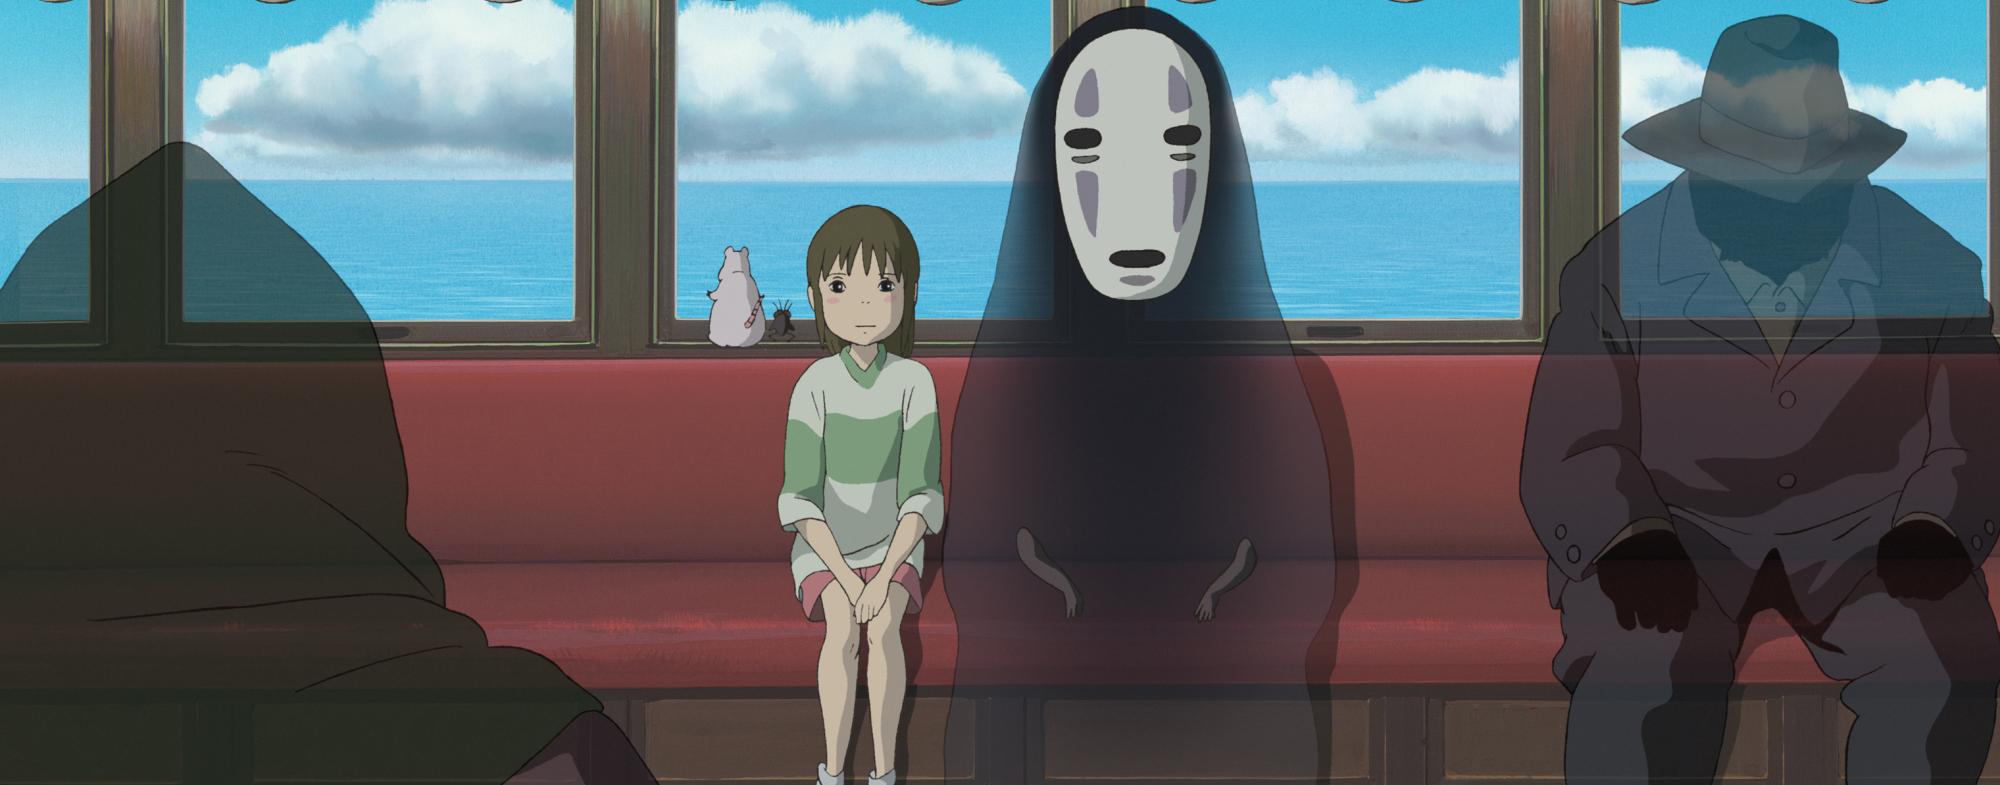 Bạn hoàn toàn có thể học tiếng Nhật qua Anime, Manga